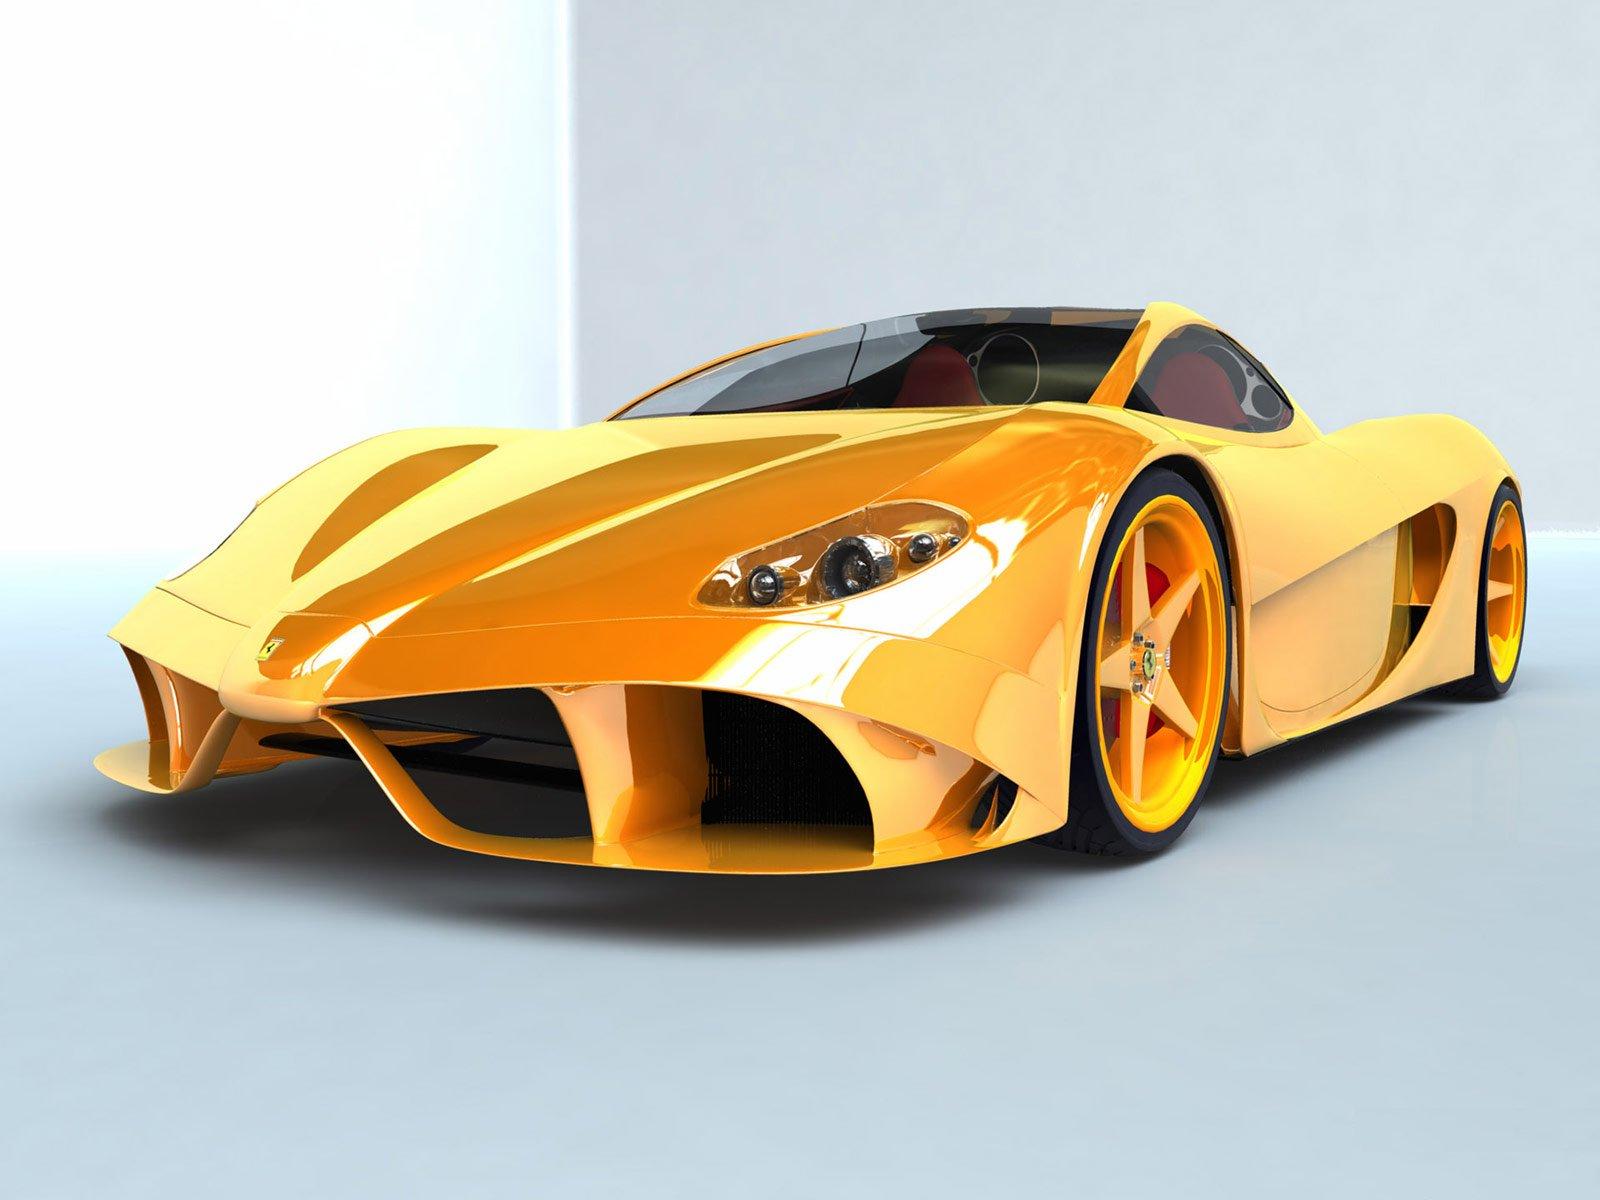 http://2.bp.blogspot.com/-WS9Um143BkU/UAyAxG_OJLI/AAAAAAAAAKU/Y_s8oyW9qpU/s1600/Cars-Wallpapers-yellow.jpg